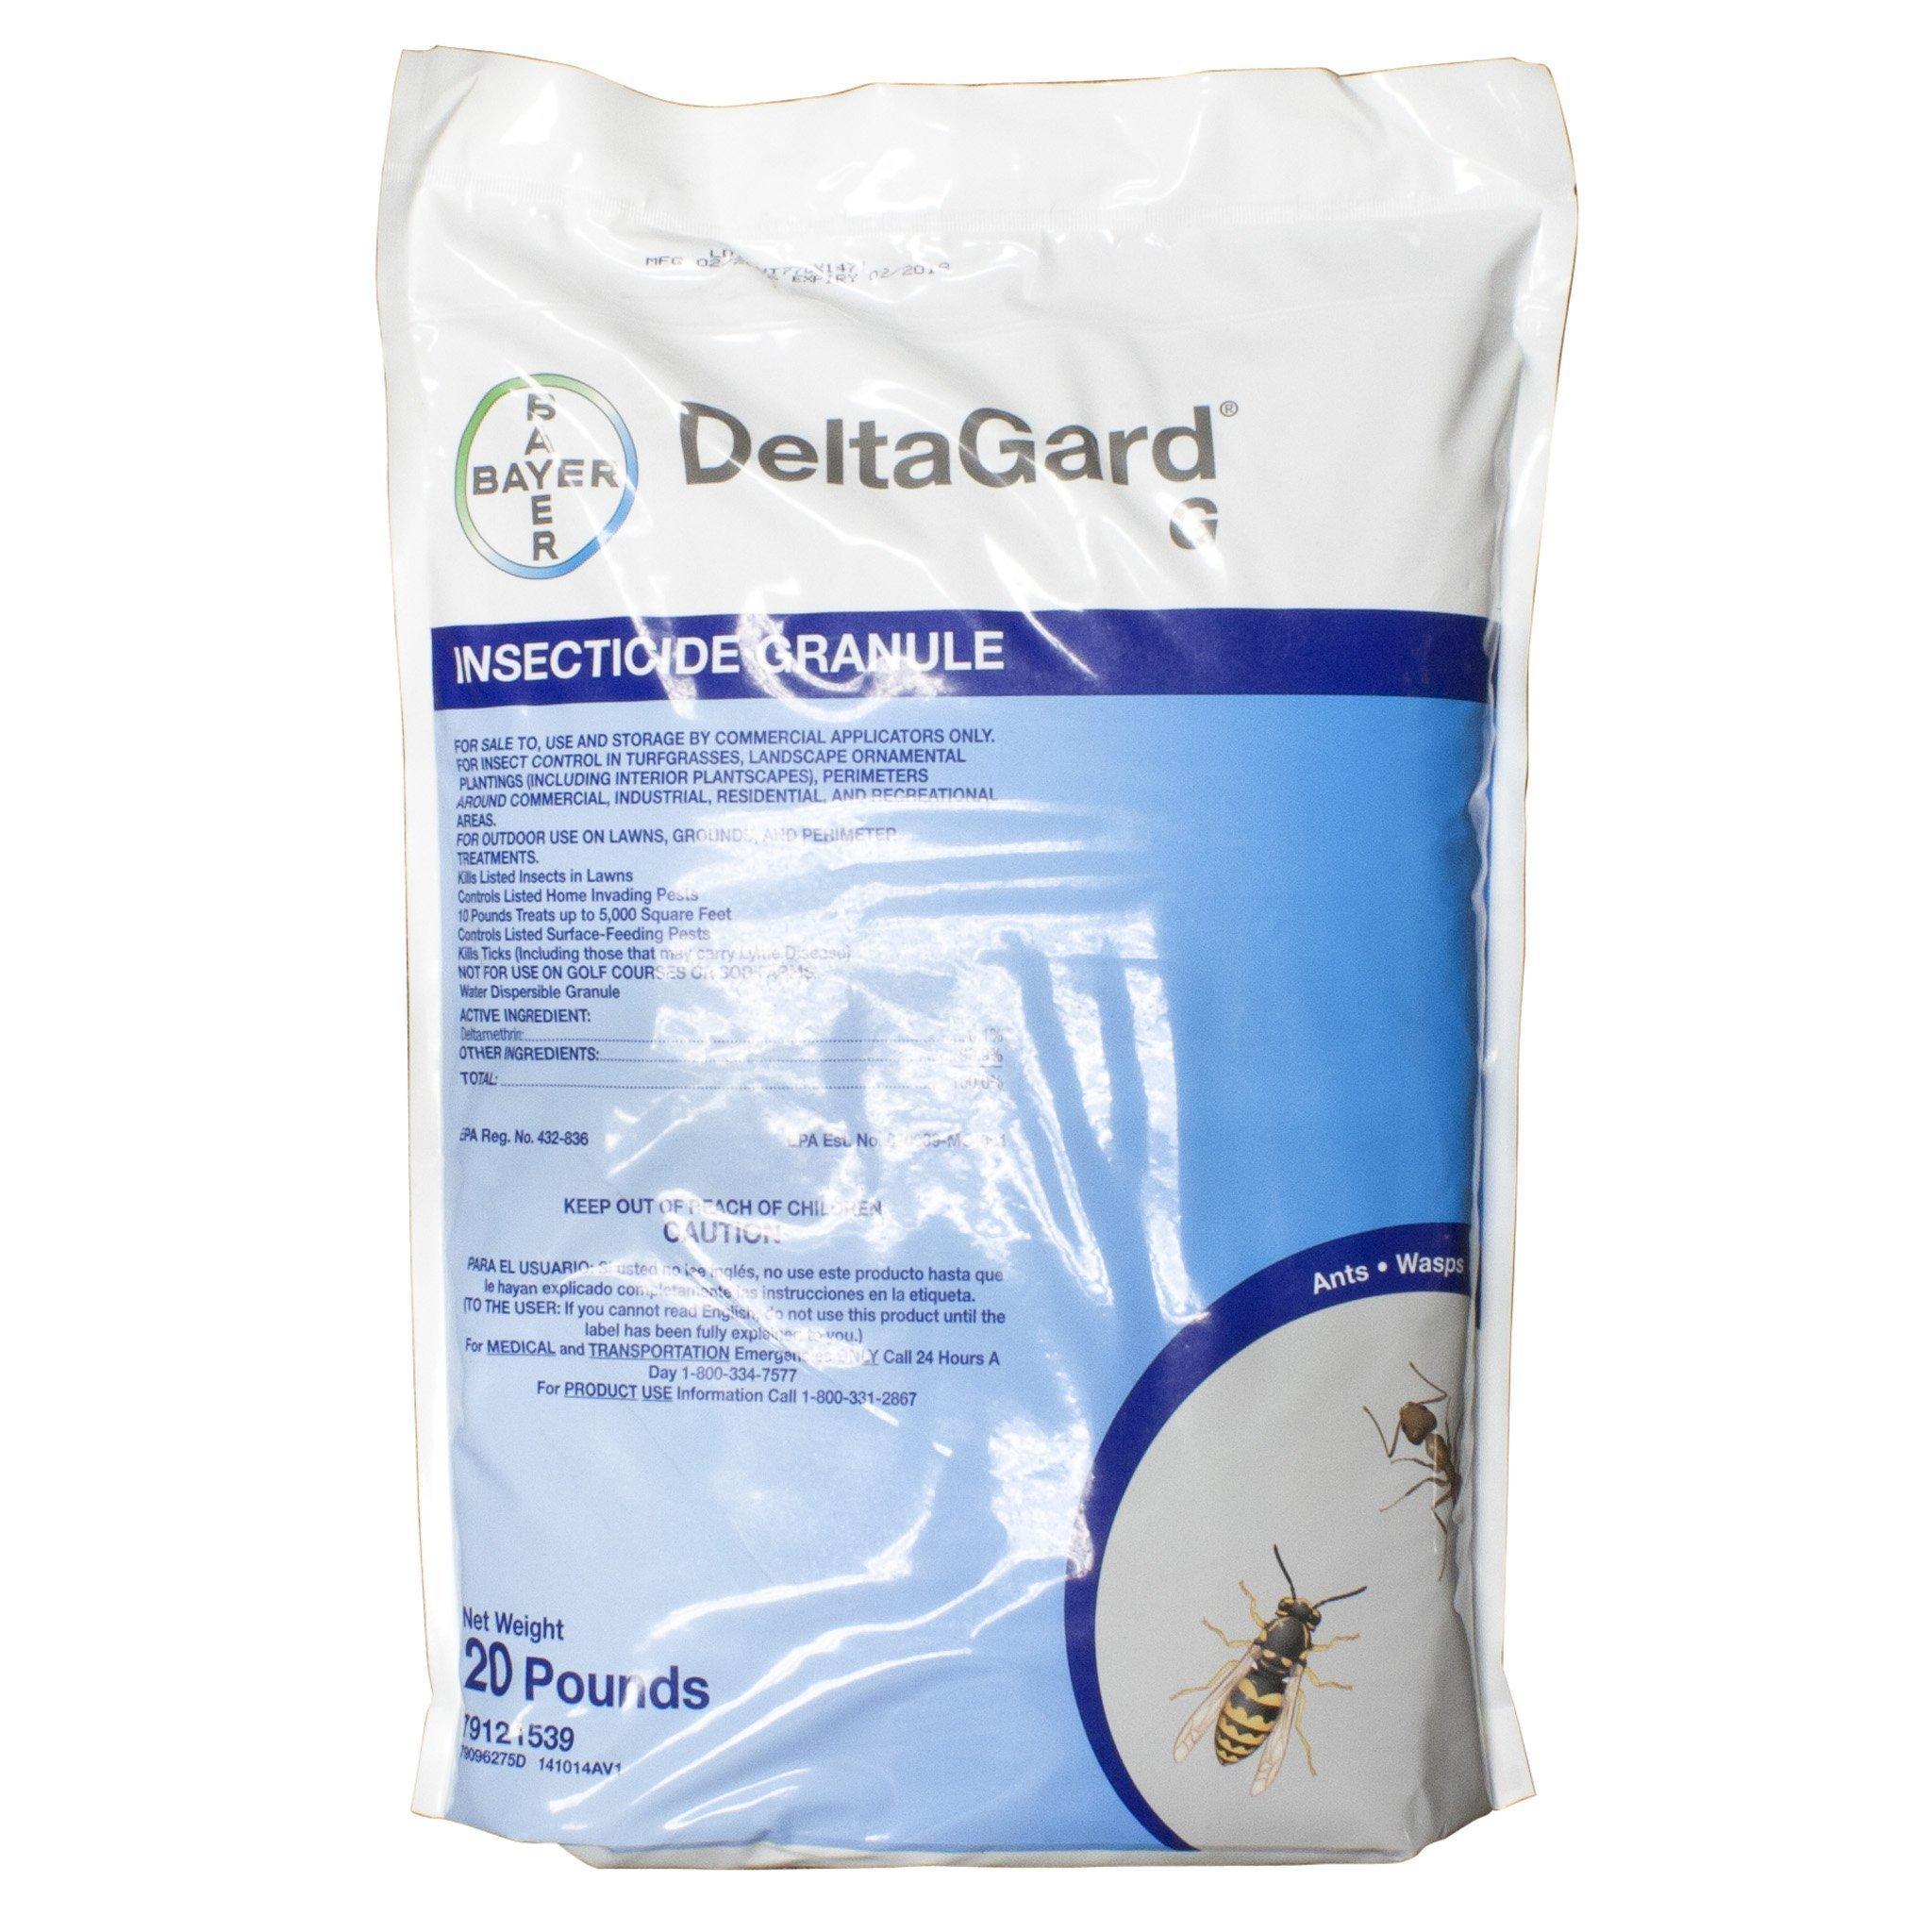 Delta Gard Granules 20 lb bag